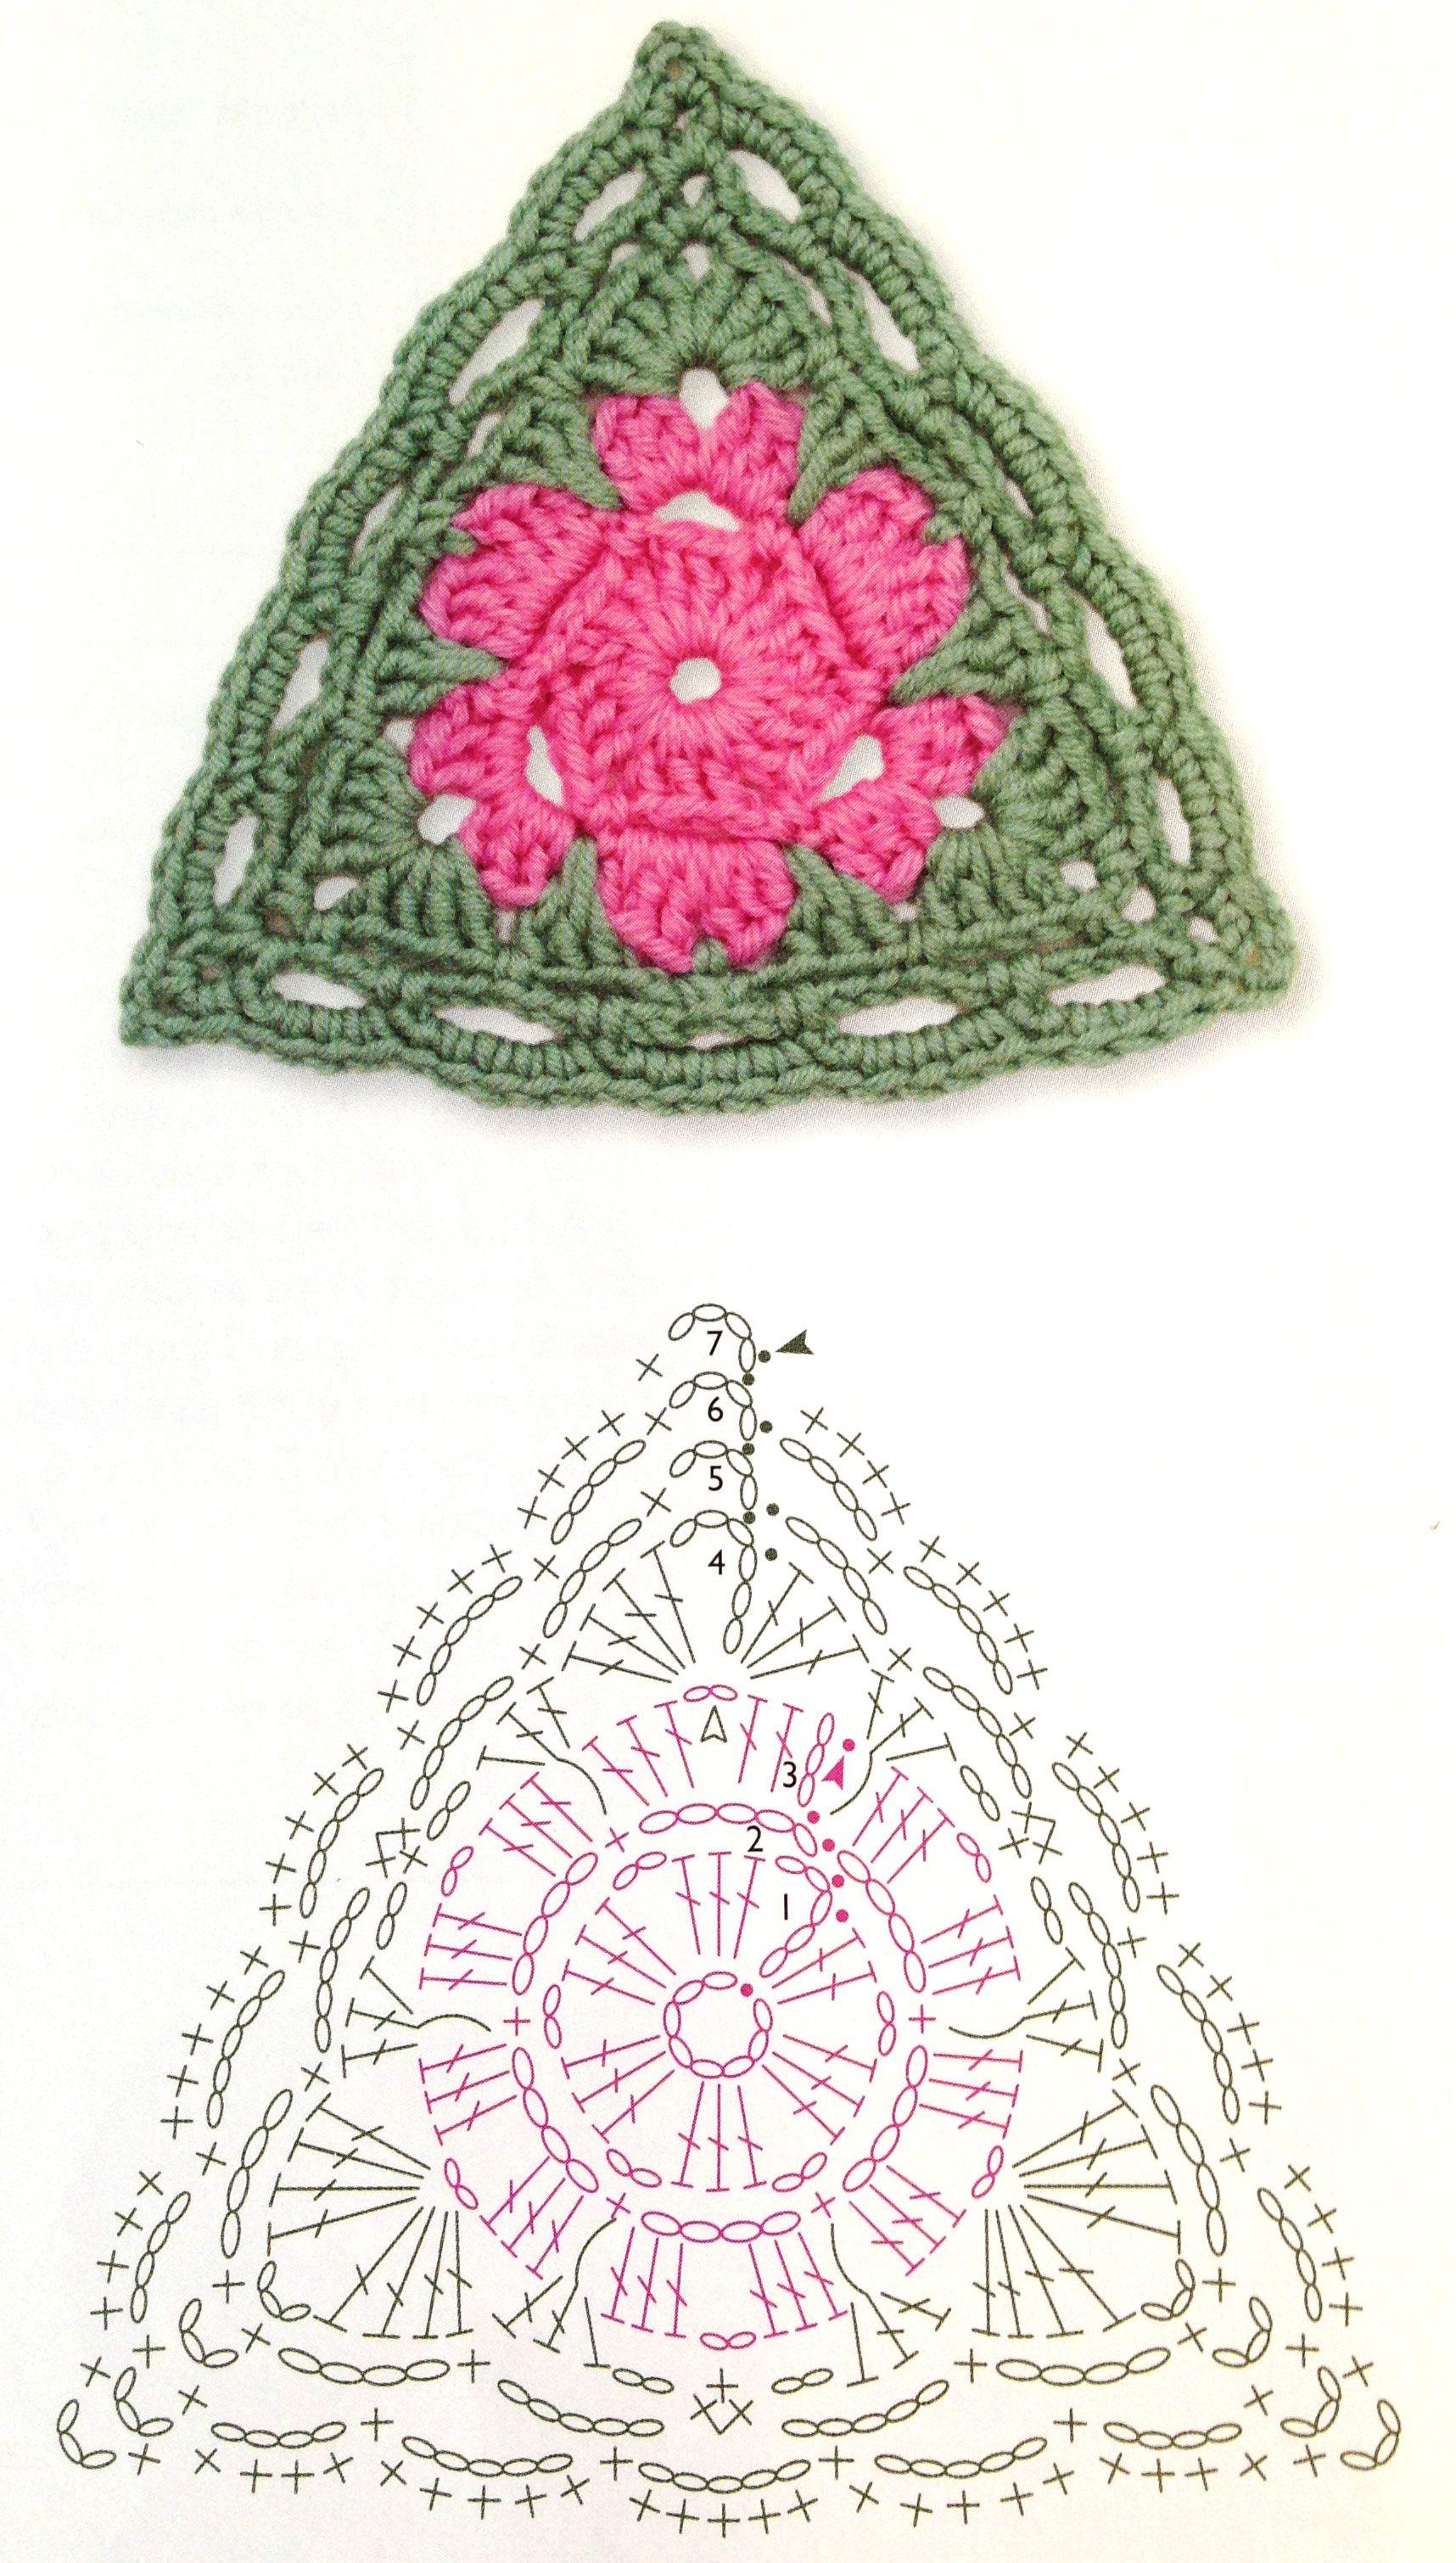 triangle crochet flower pattern | Crochet stuff | Pinterest ...